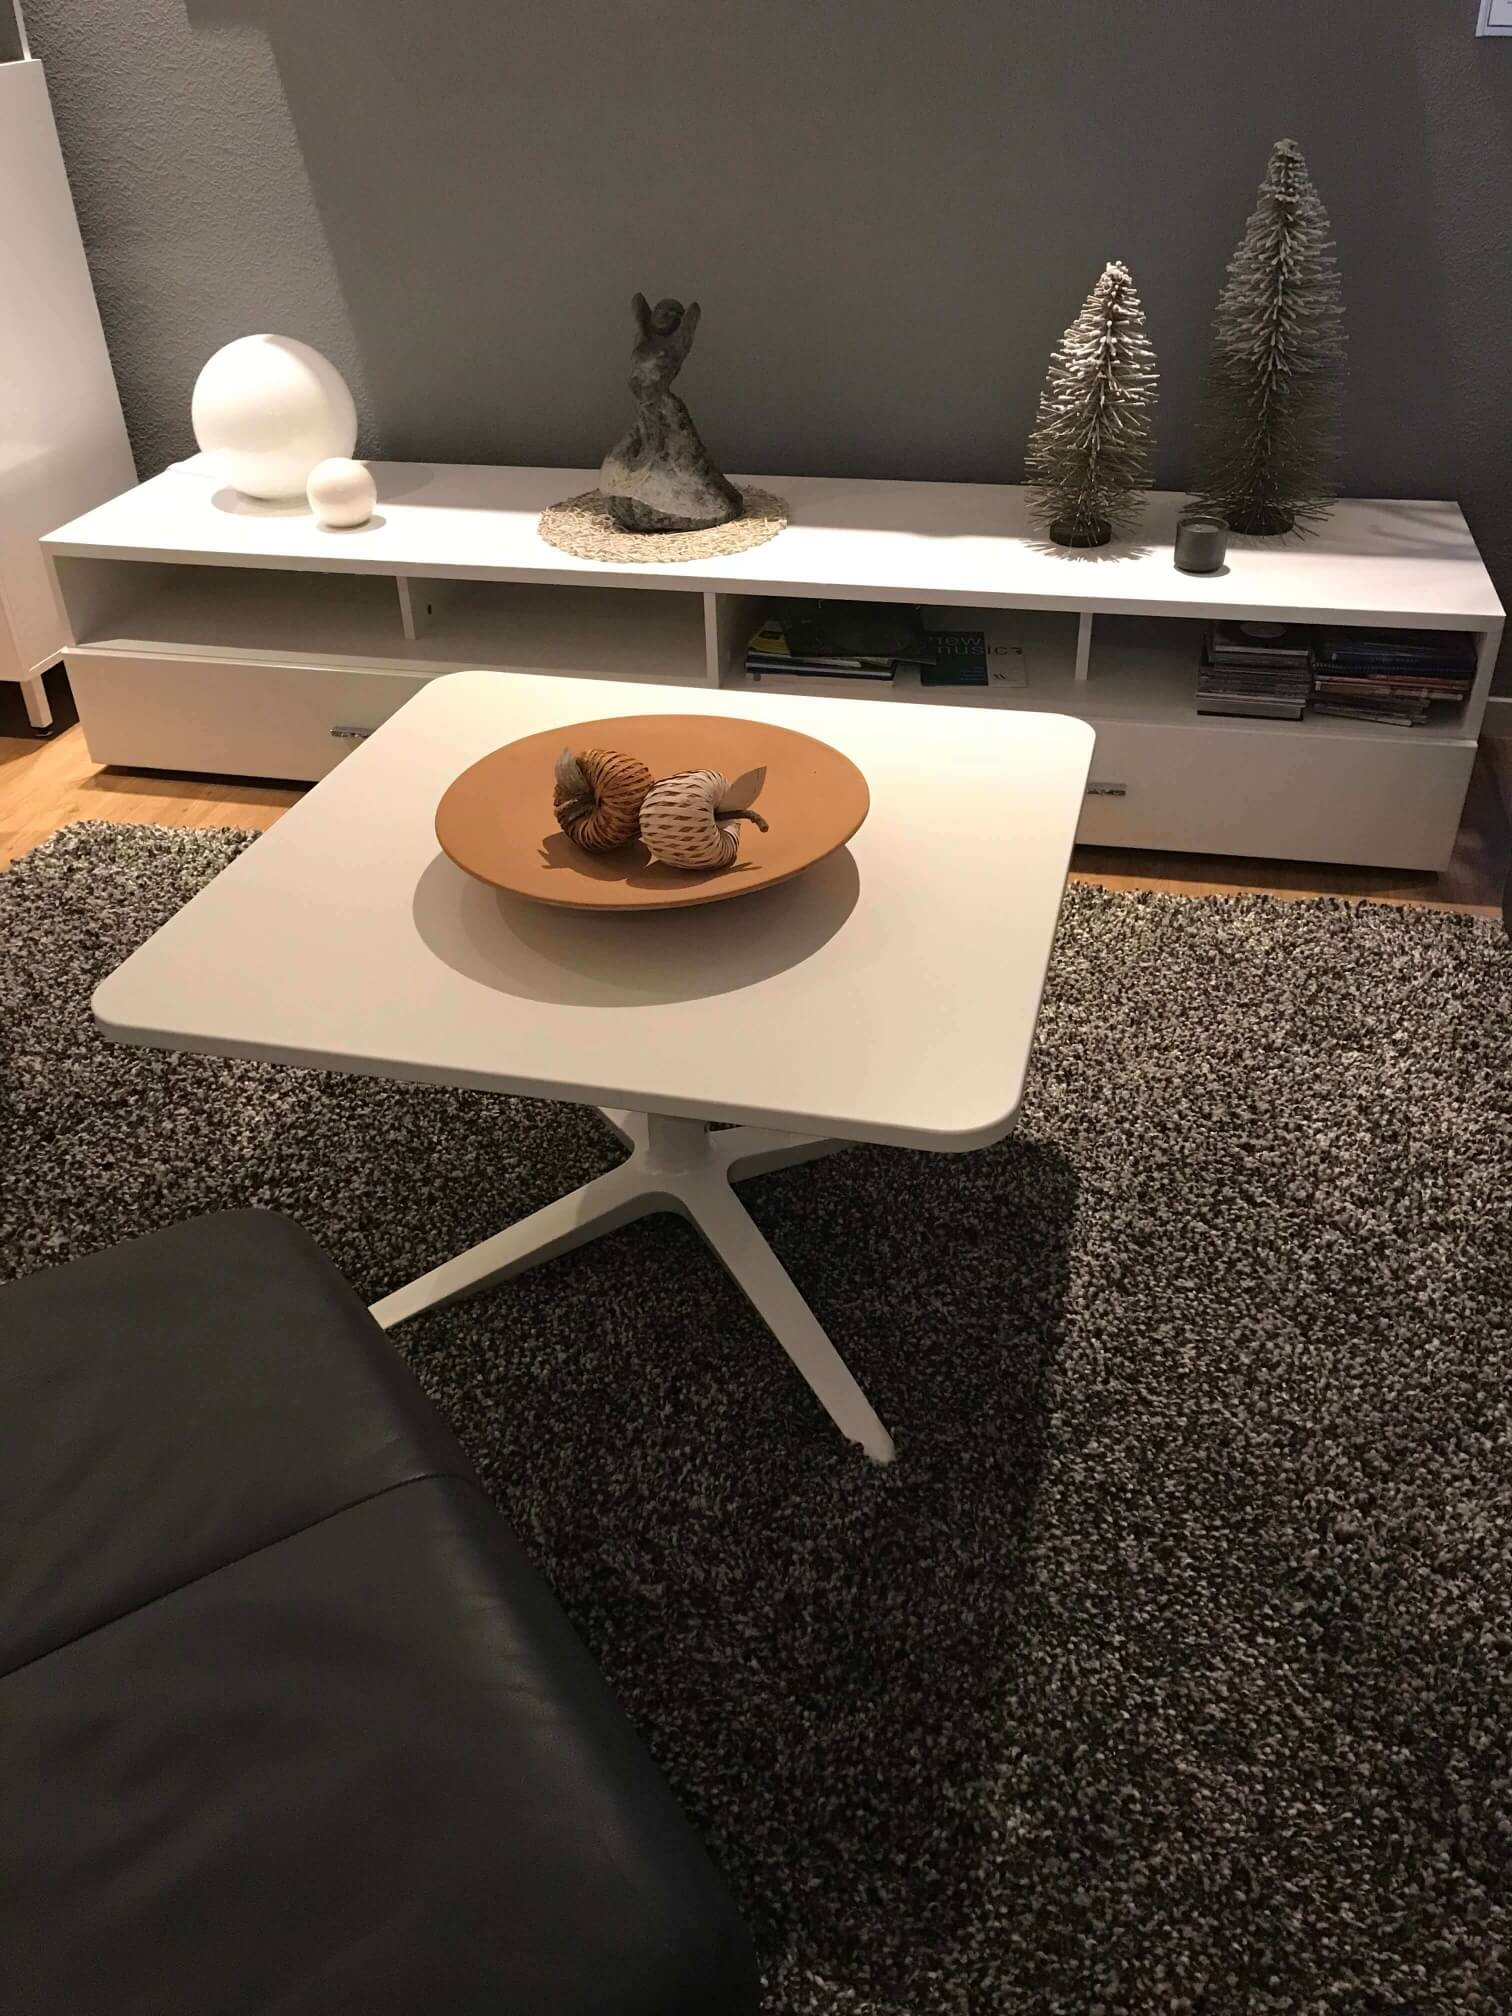 Couchtisch der idealbüro GmbH bei Herrn Weber